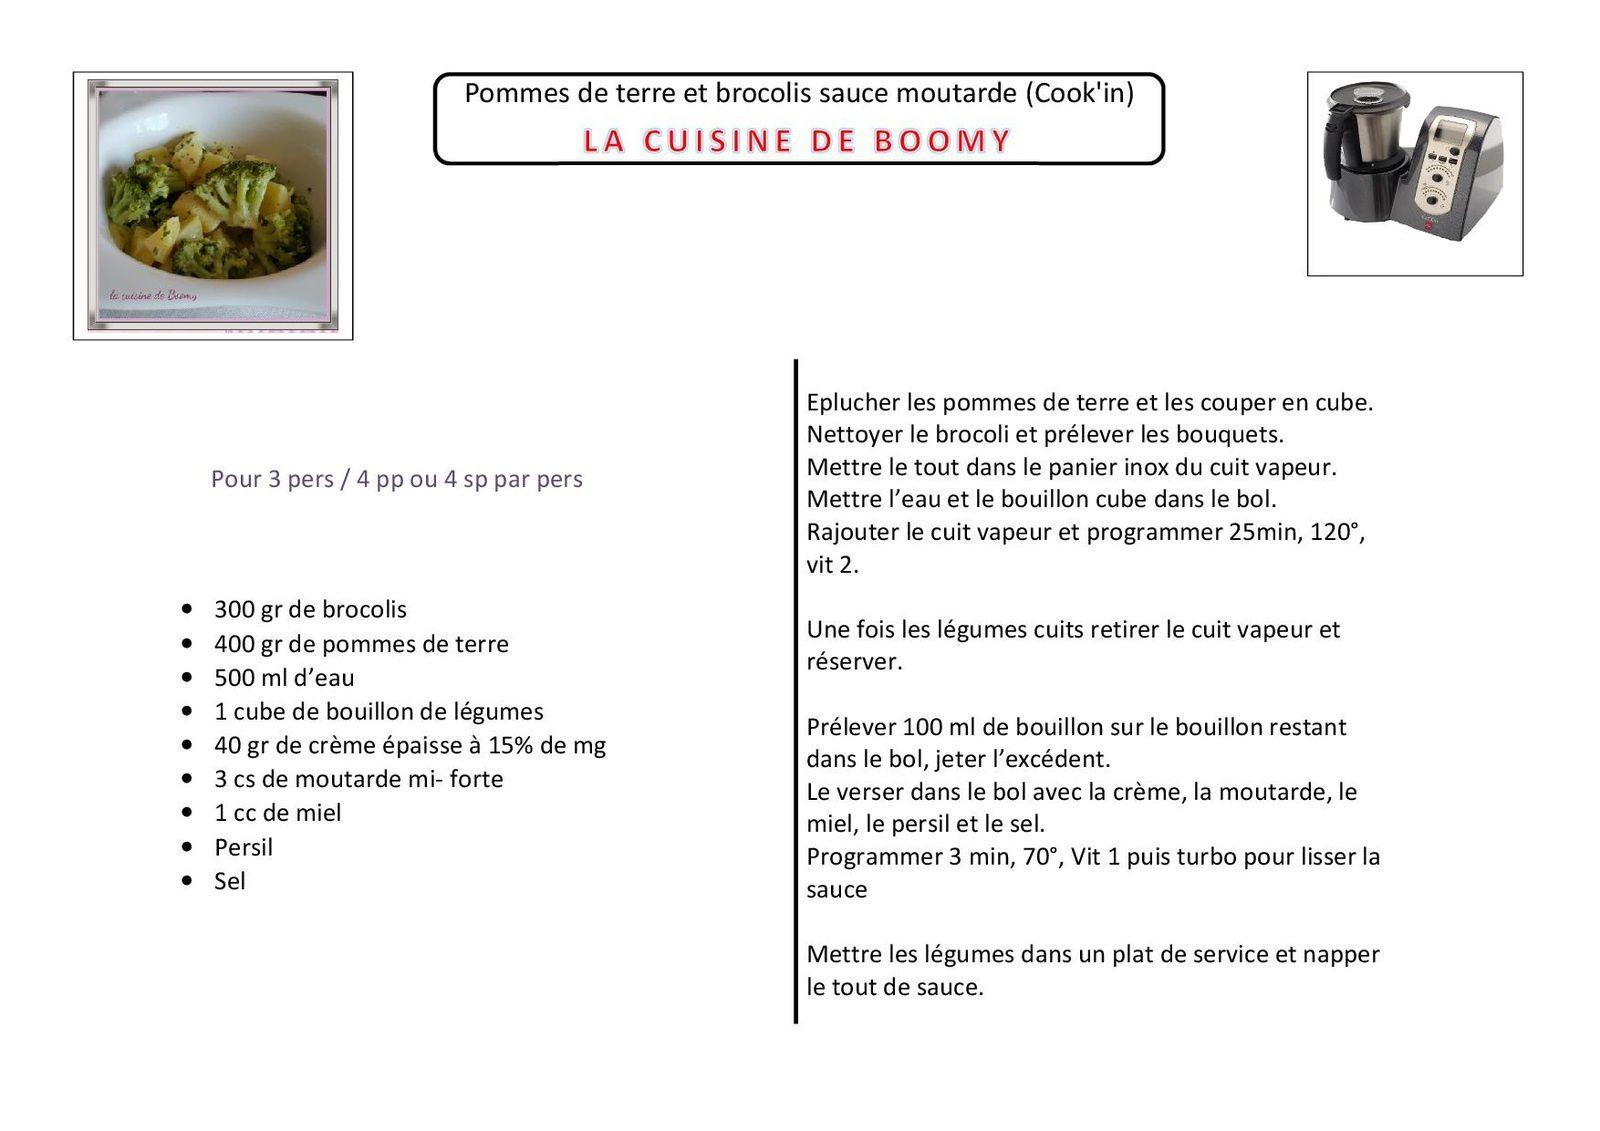 Pommes de terre et brocolis sauce moutarde cook 39 in la cuisine de boomy - Pommes de terre a la braise ...